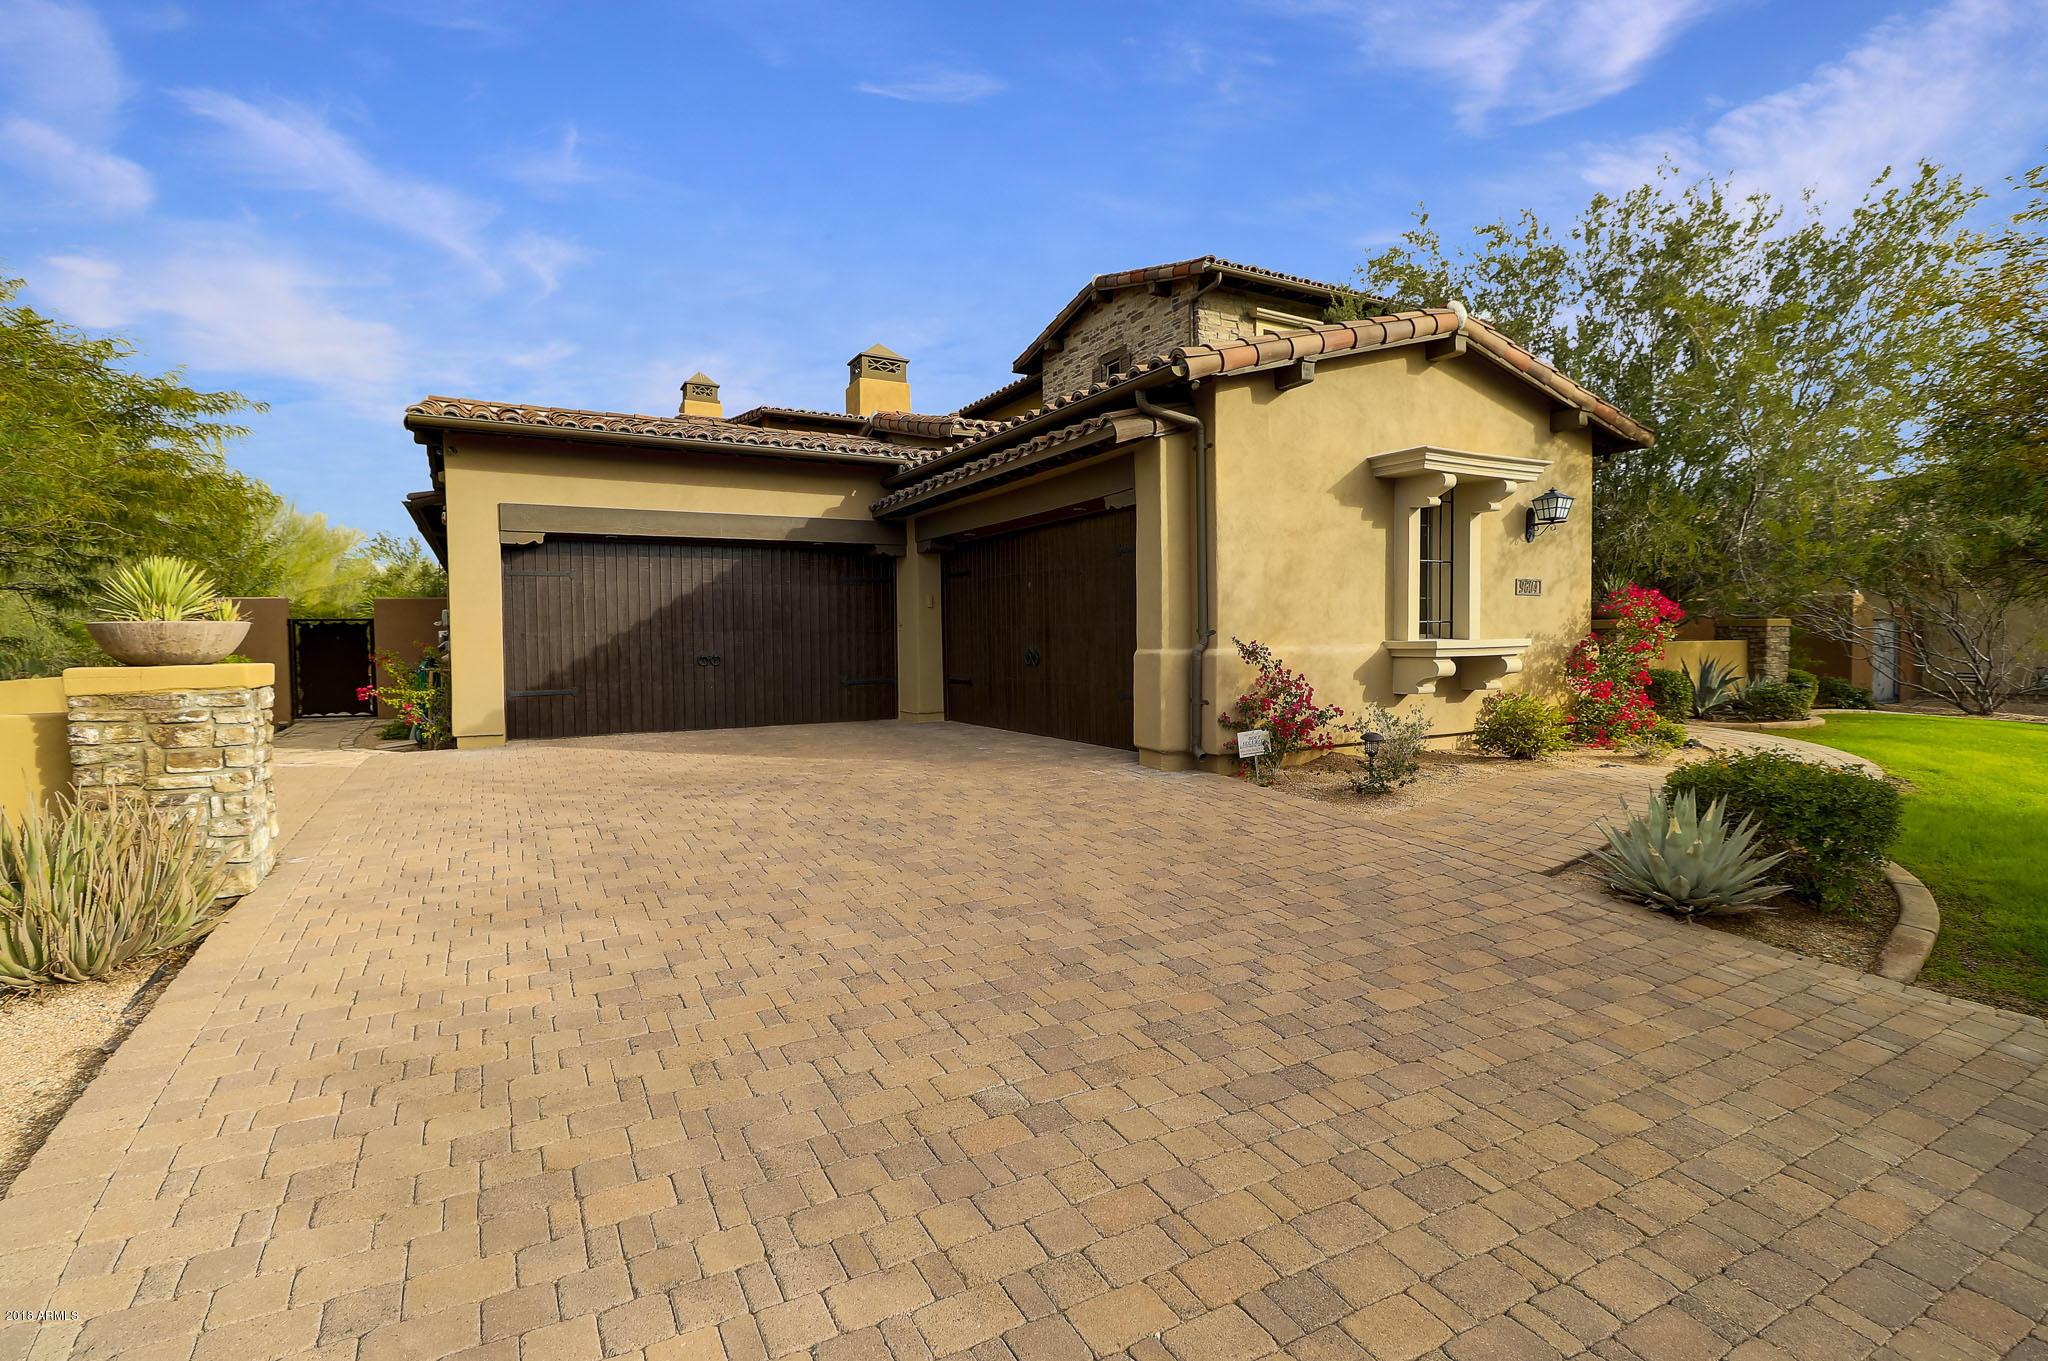 Photo of 9604 E DIAMOND RIM Drive, Scottsdale, AZ 85255